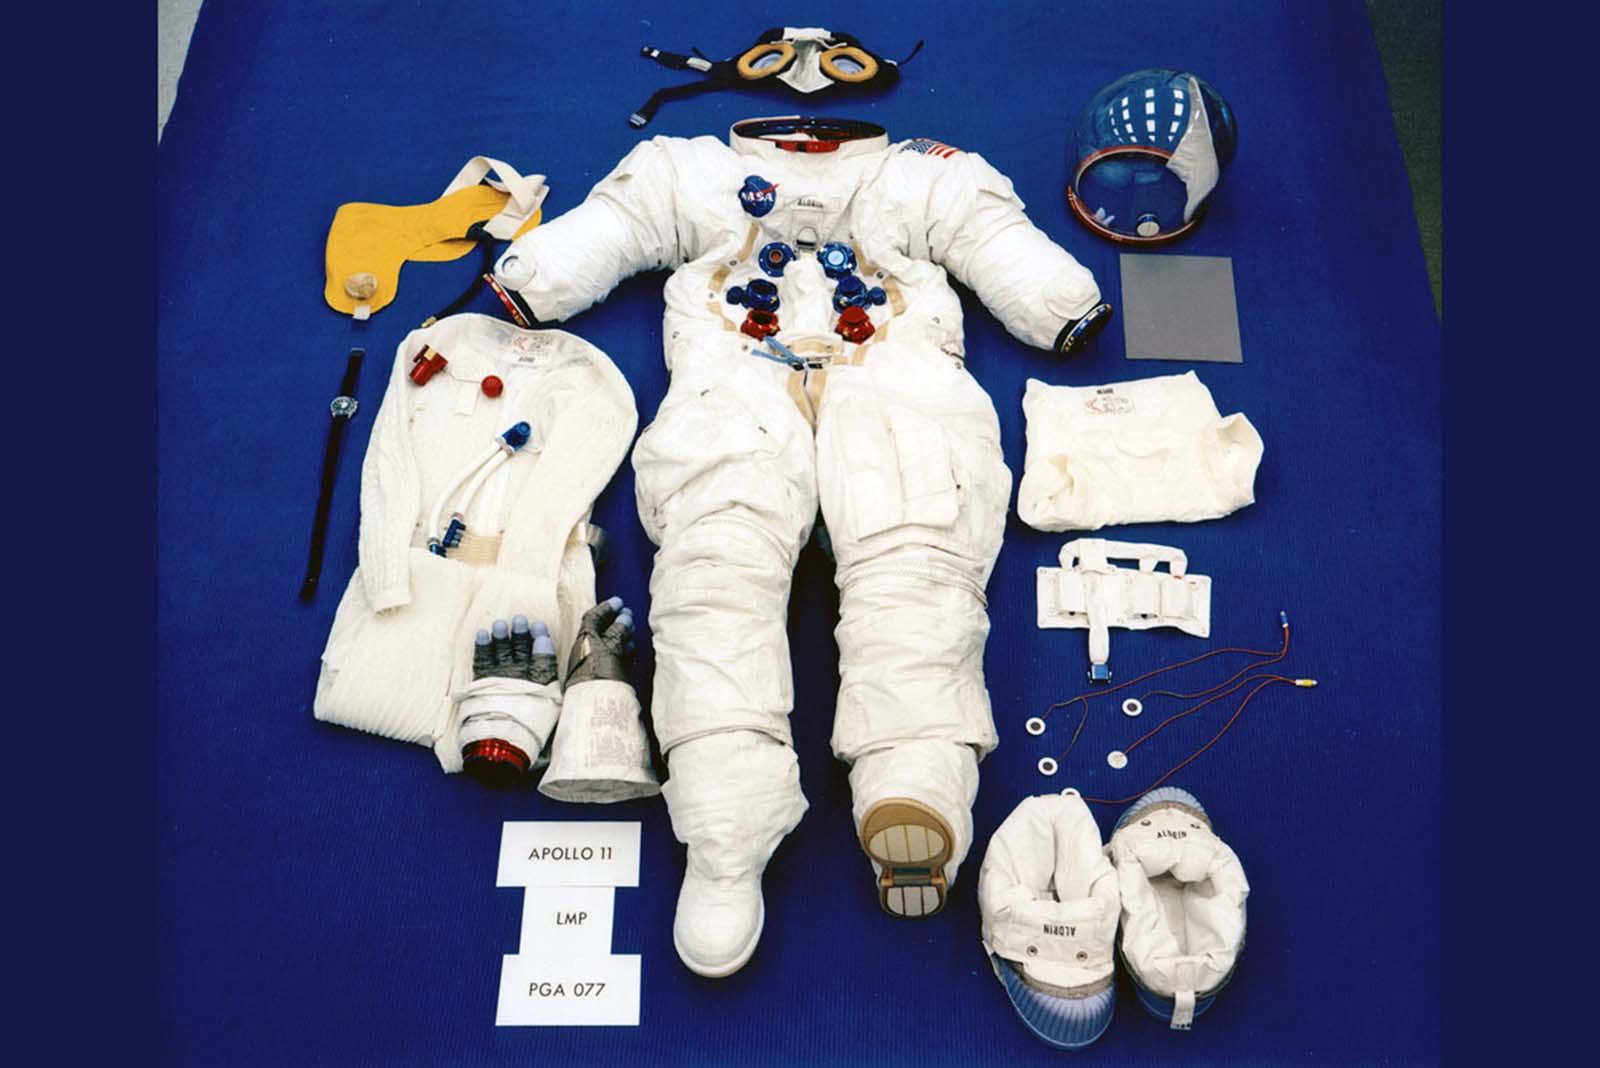 Apollo 11 preparation%2B%252819%2529 - Fotos raras da preparação de Neil Armstrong antes de ir a Lua